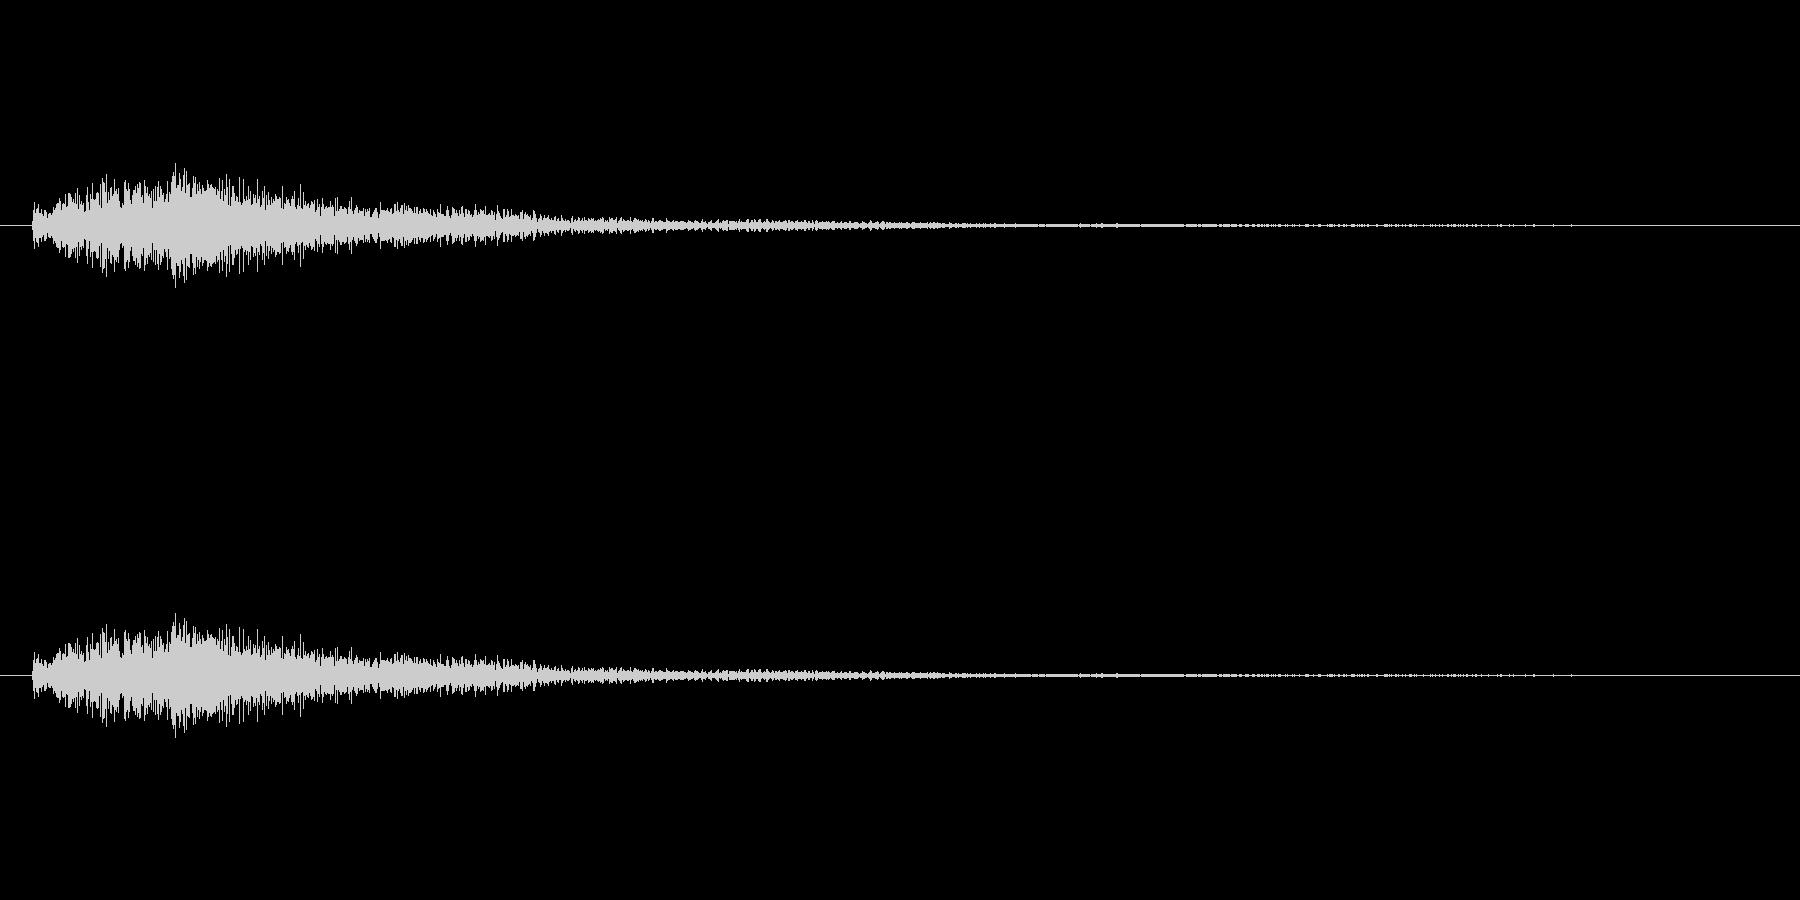 琴をジャラーンと鳴らしたような音(上昇)の未再生の波形